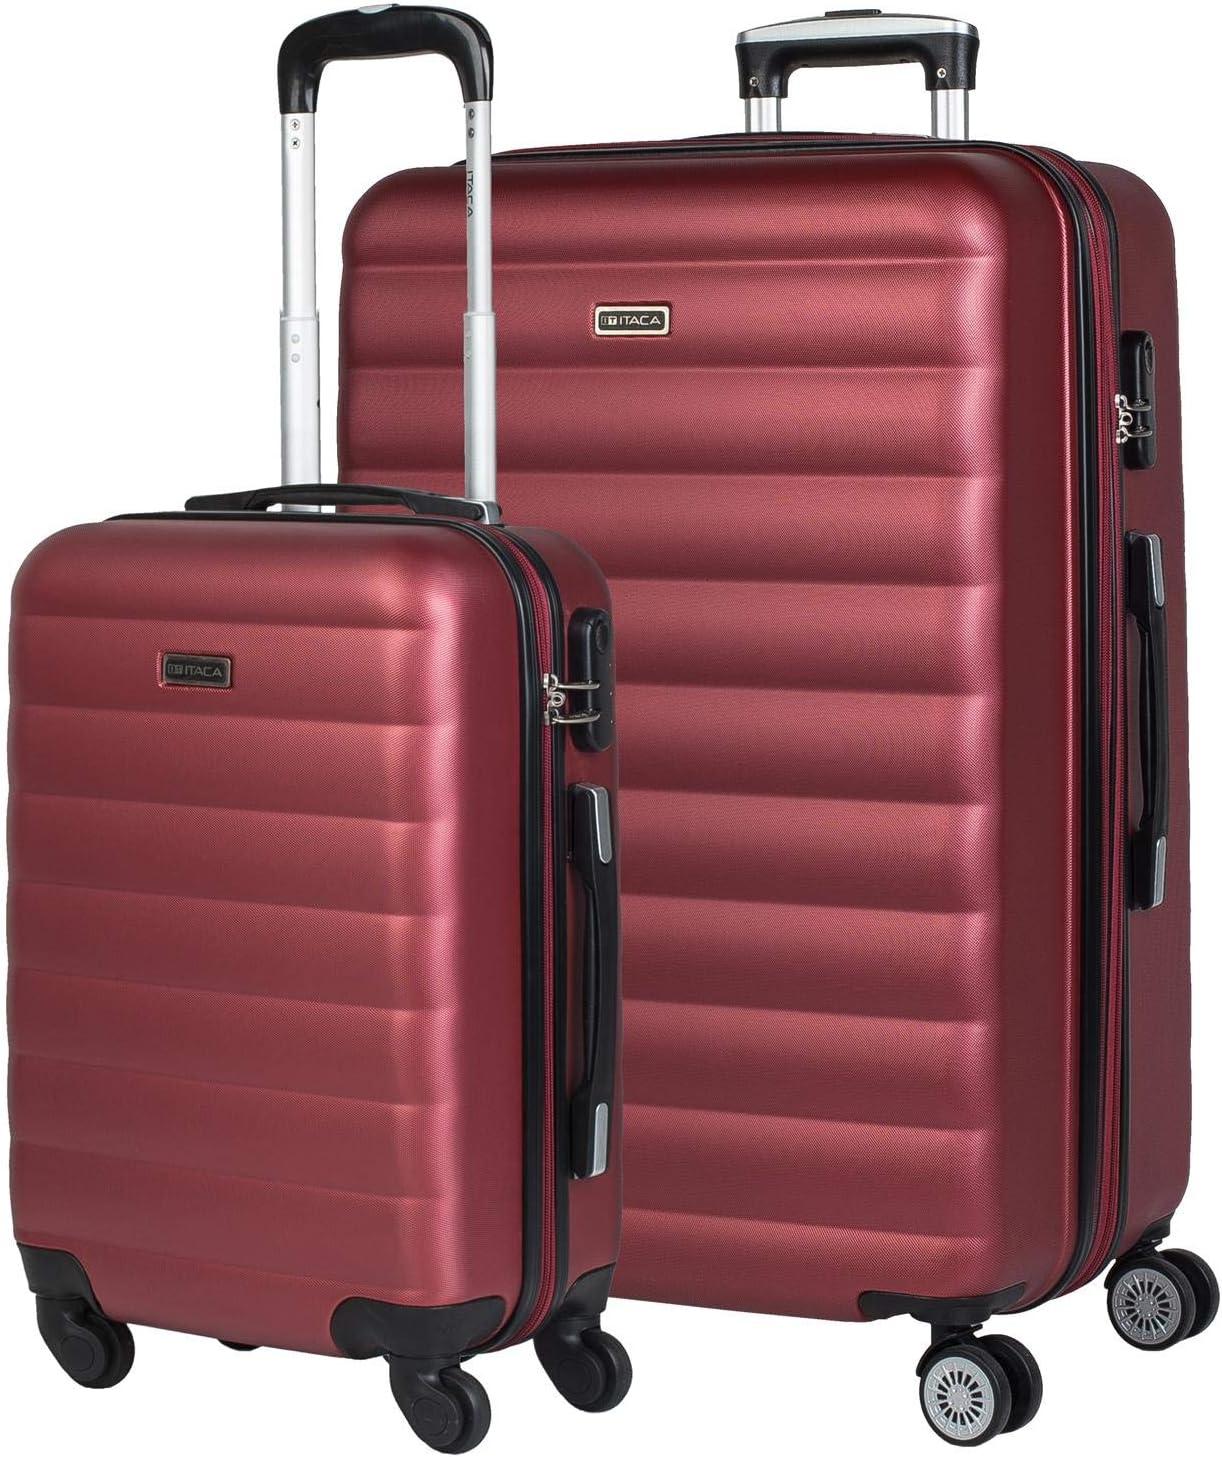 ITACA - Juego de Maletas de Viaje 4 Ruedas Dobles Trolley ABS. 2 Tamaños: Pequeña 55, Grande Extensible 75. Duras Resistentes Rígidas y Ligeras Bonito Diseño. 71217, Color Granate